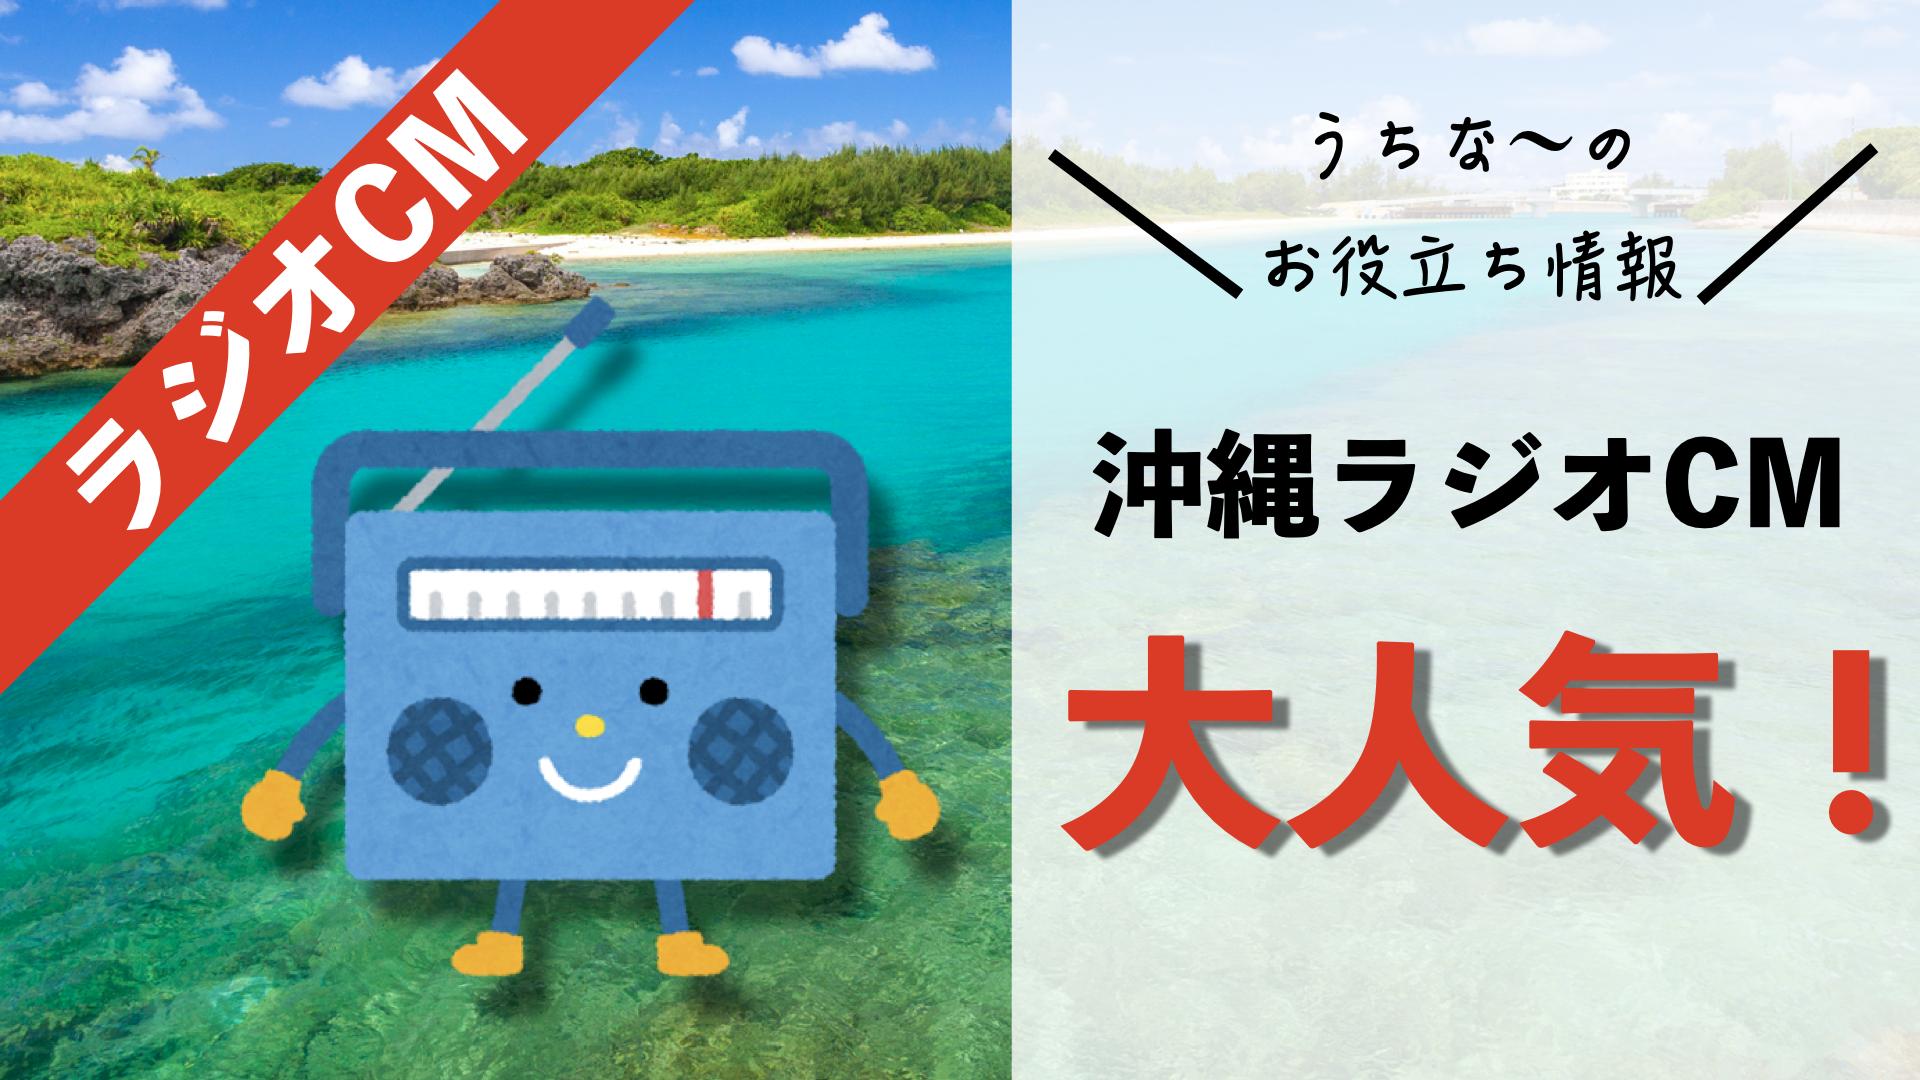 大人気の沖縄ラジオCM